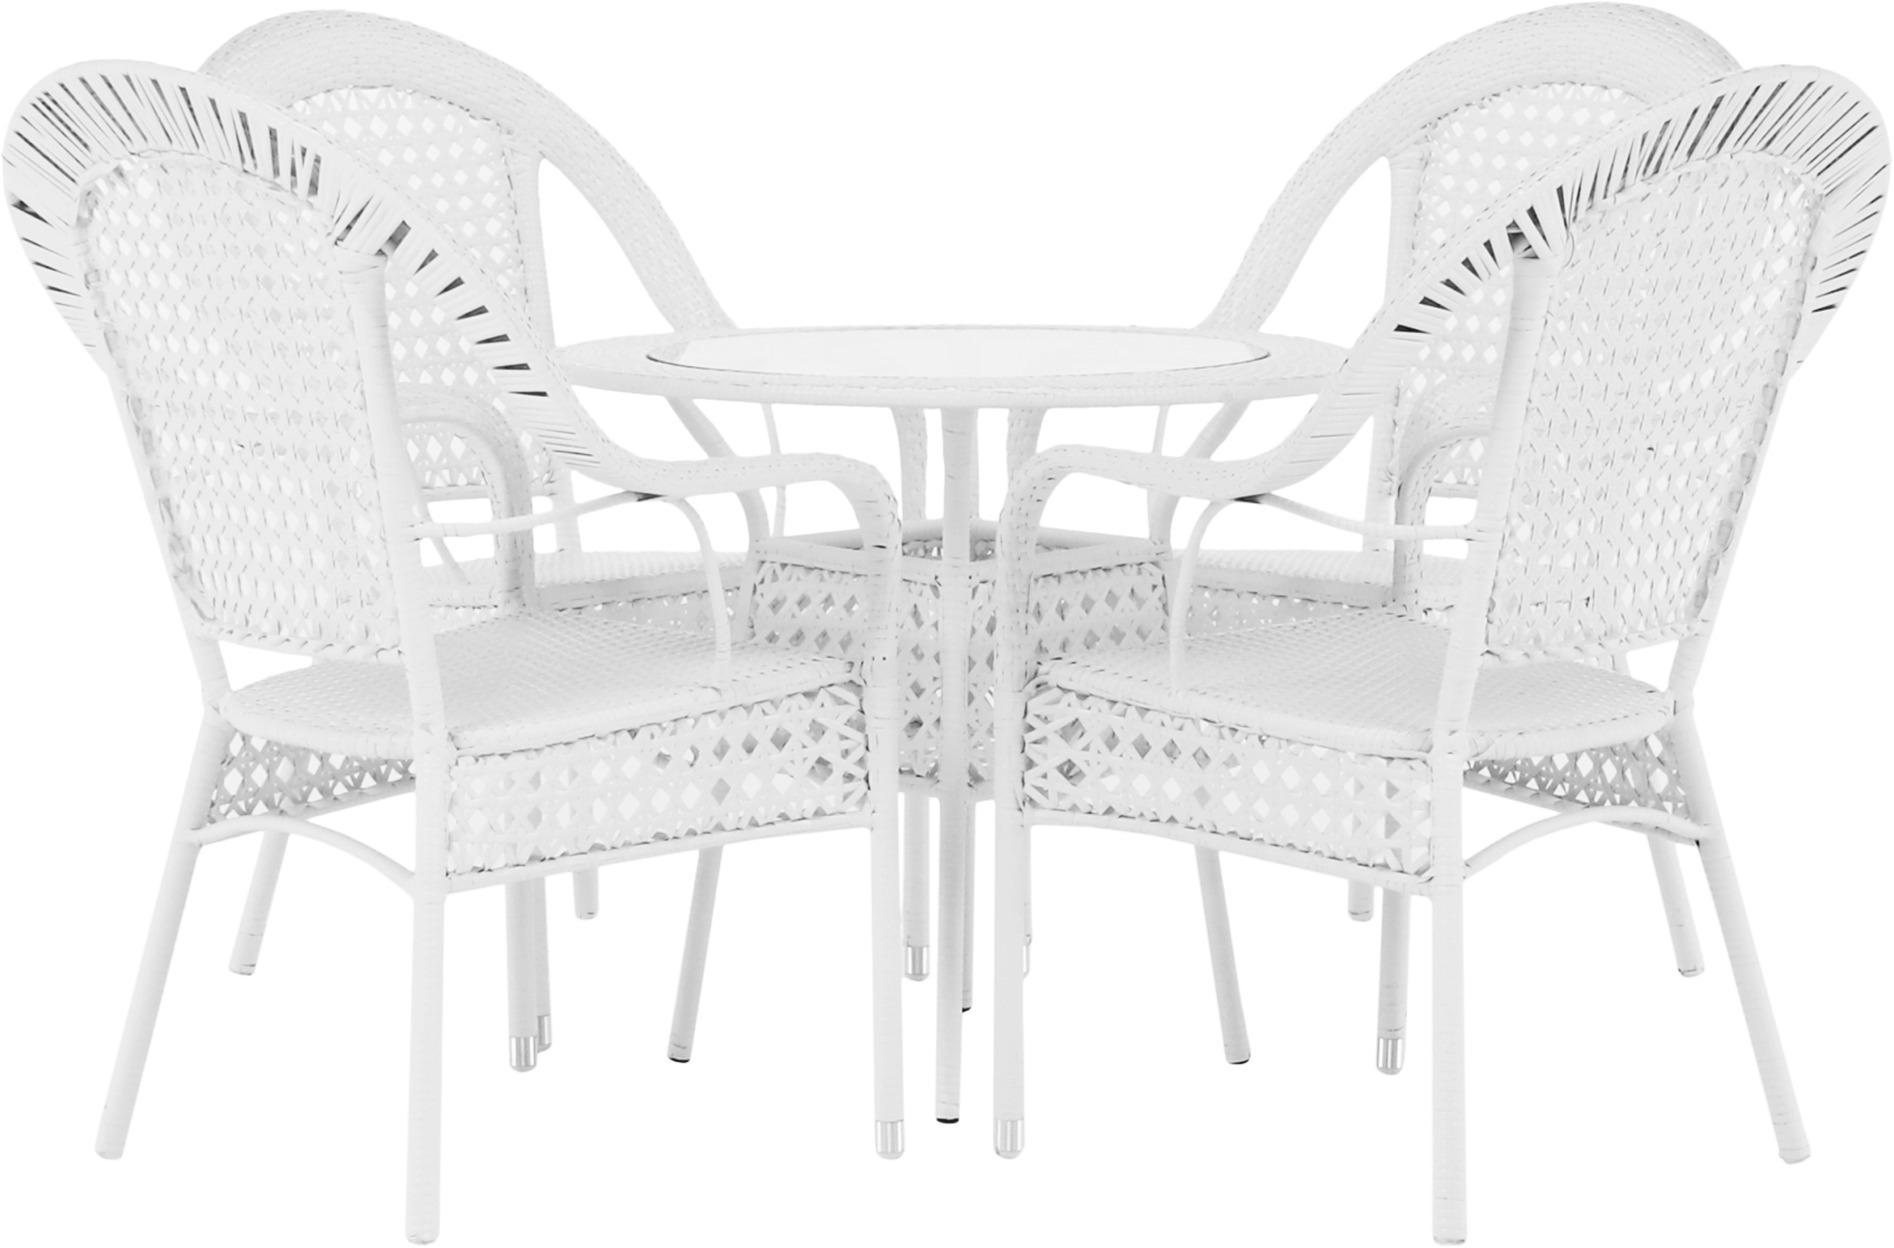 Záhradný set 1+4, biela, KOVEN